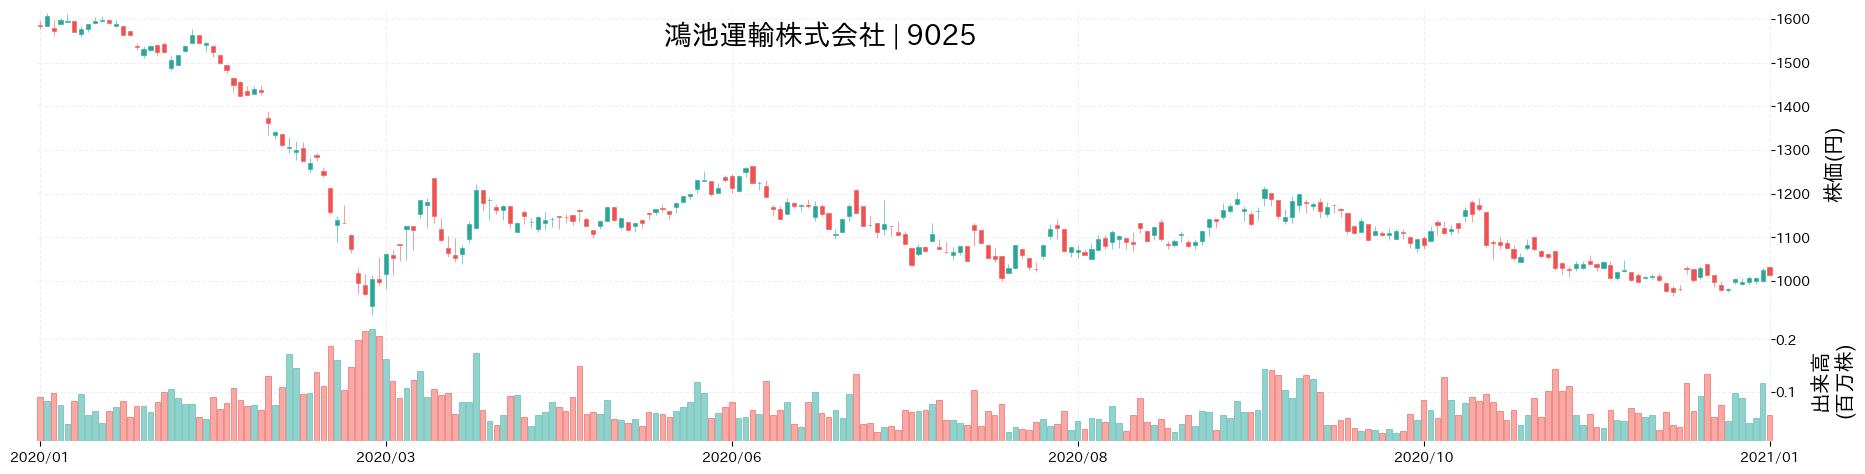 鴻池運輸株式会社の株価推移(2020)